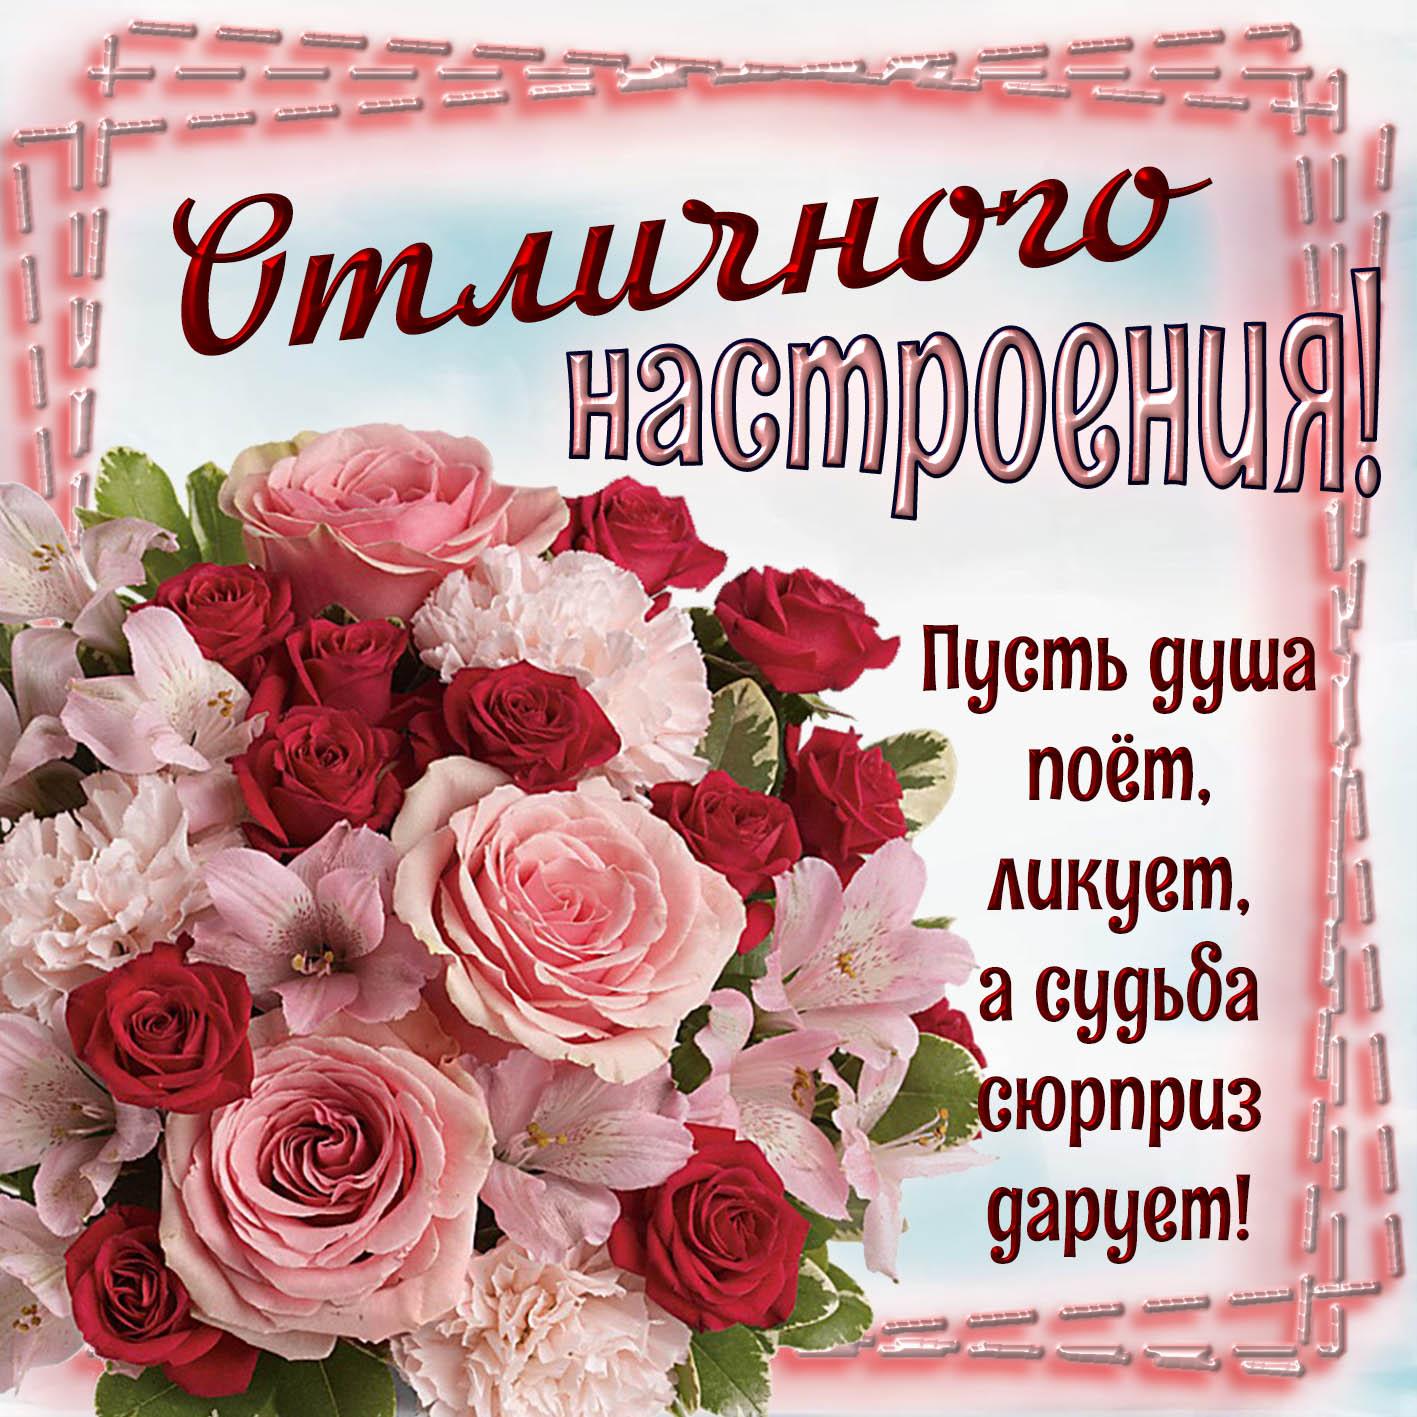 маленького медвежонка открытки с цветами и пожеланиями хорошего настроения статусом обладают